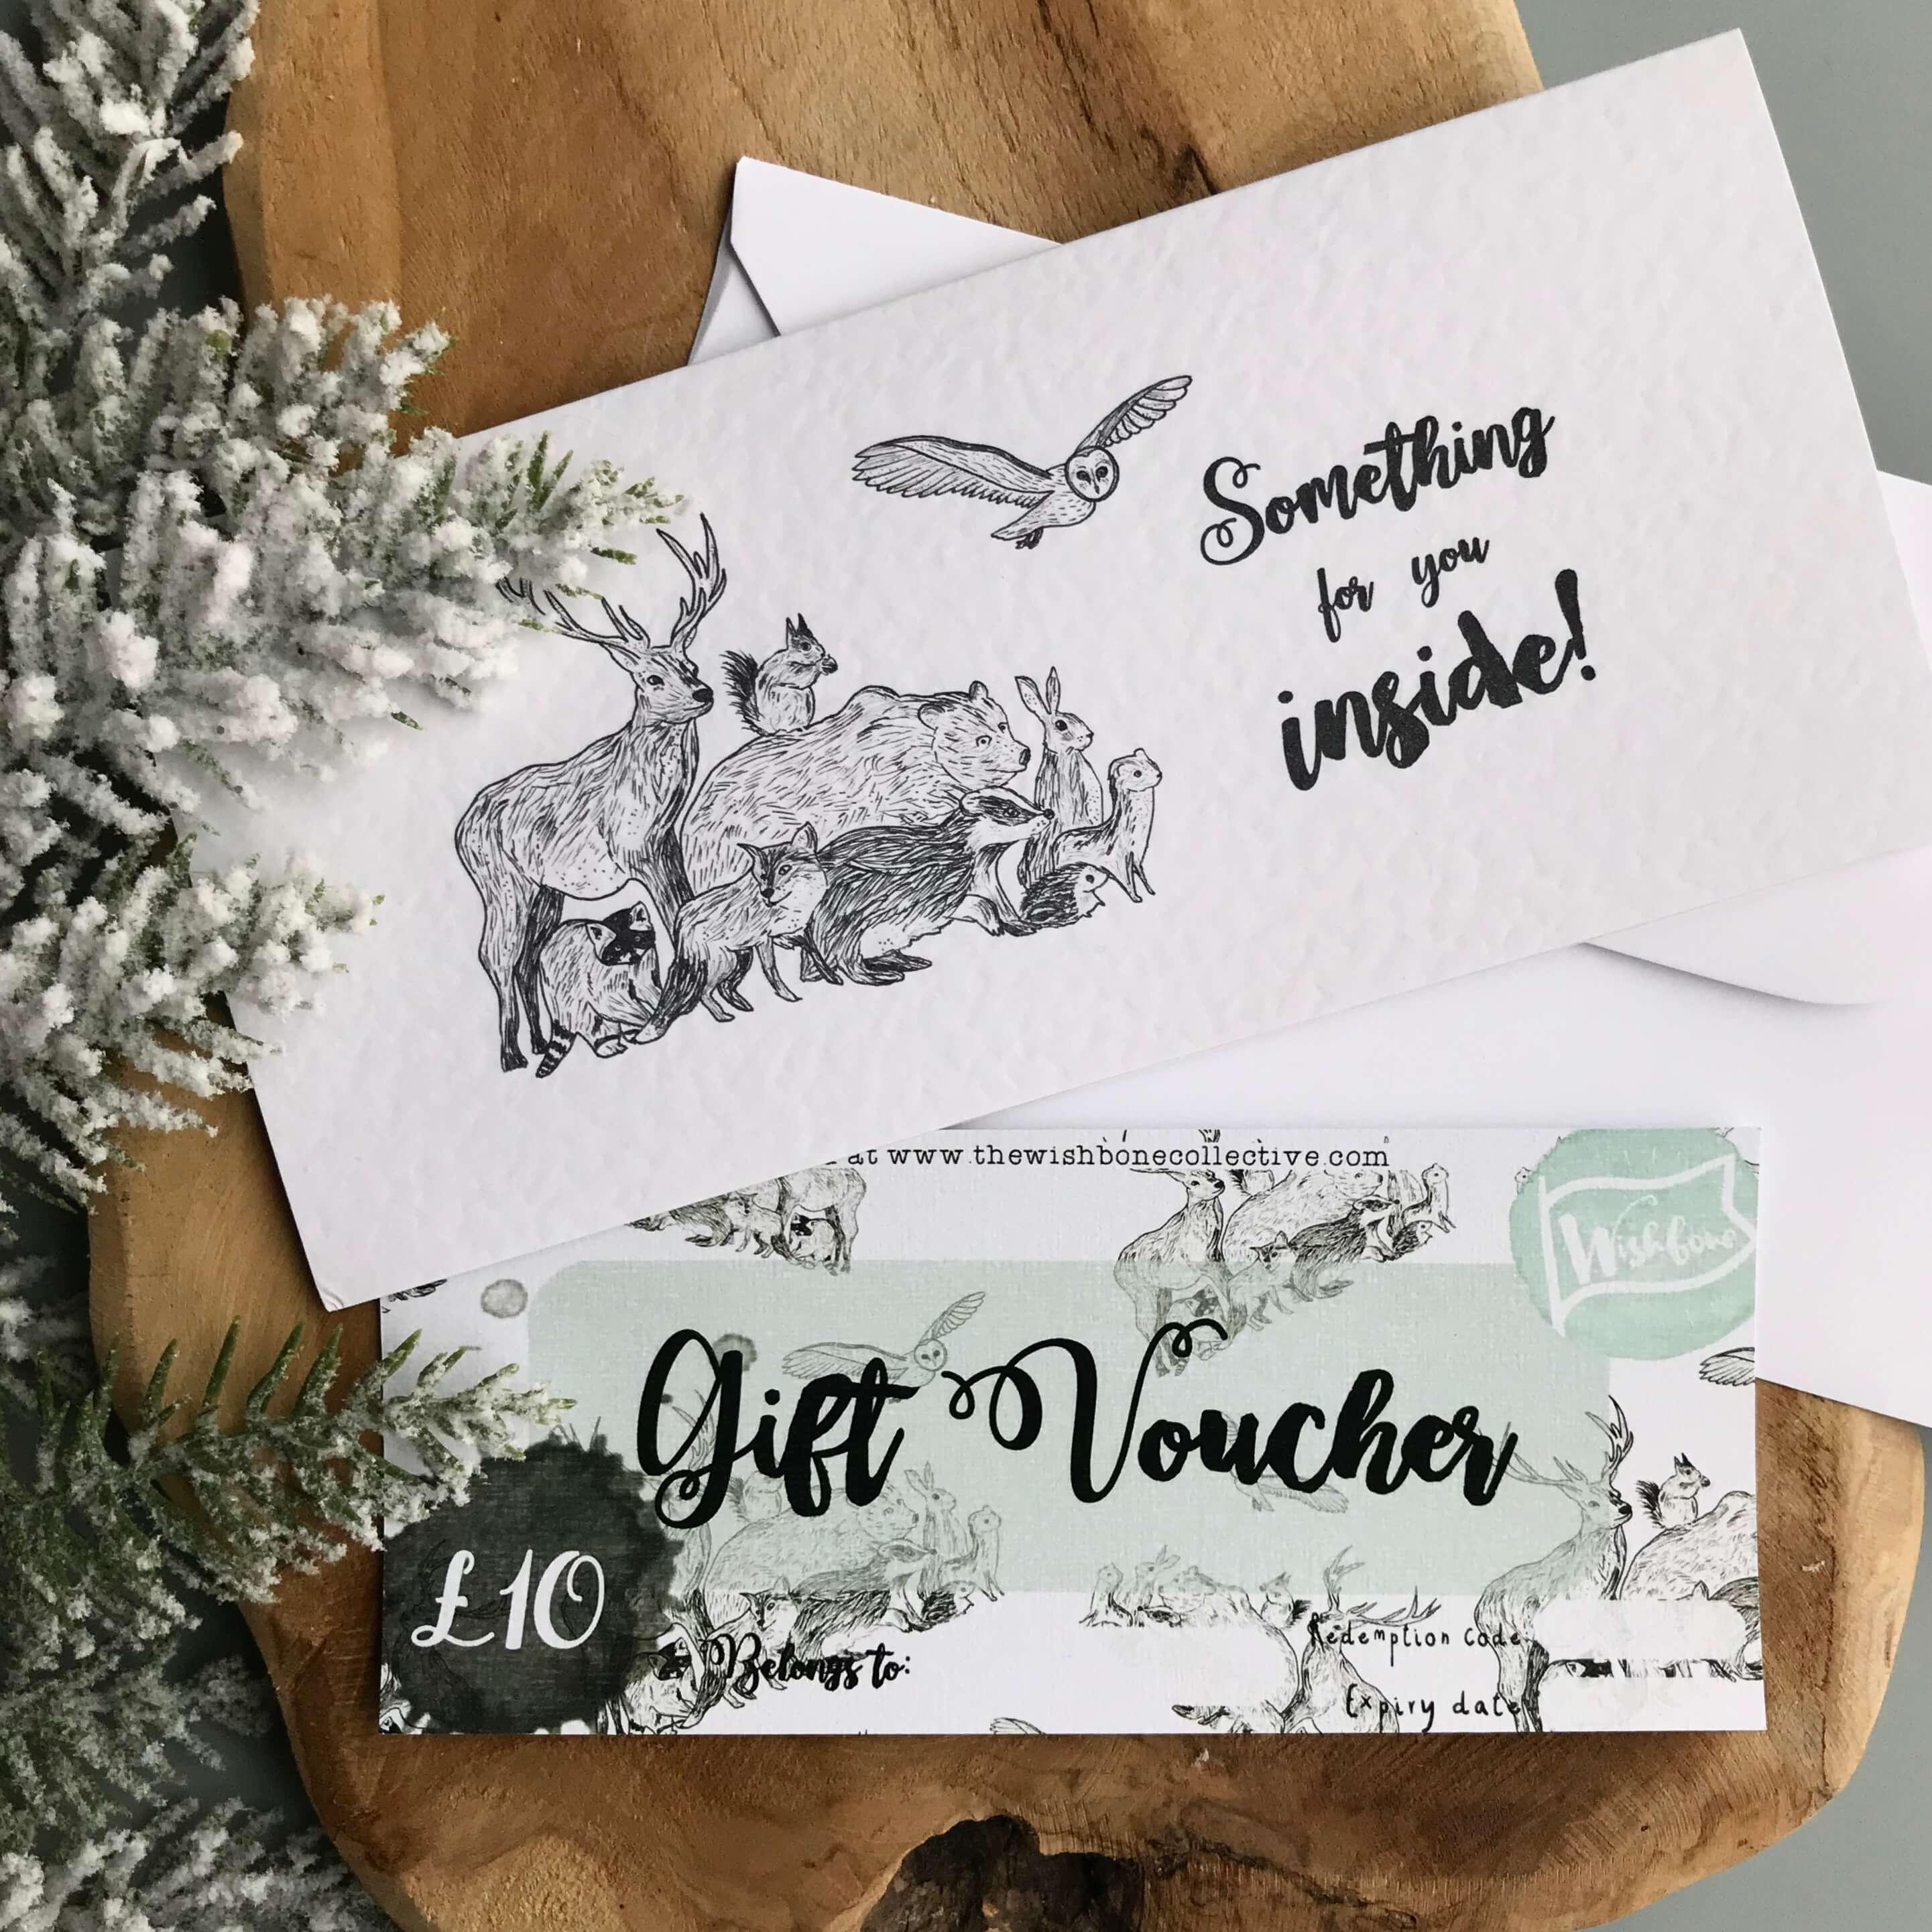 wishbone store gift voucher 2